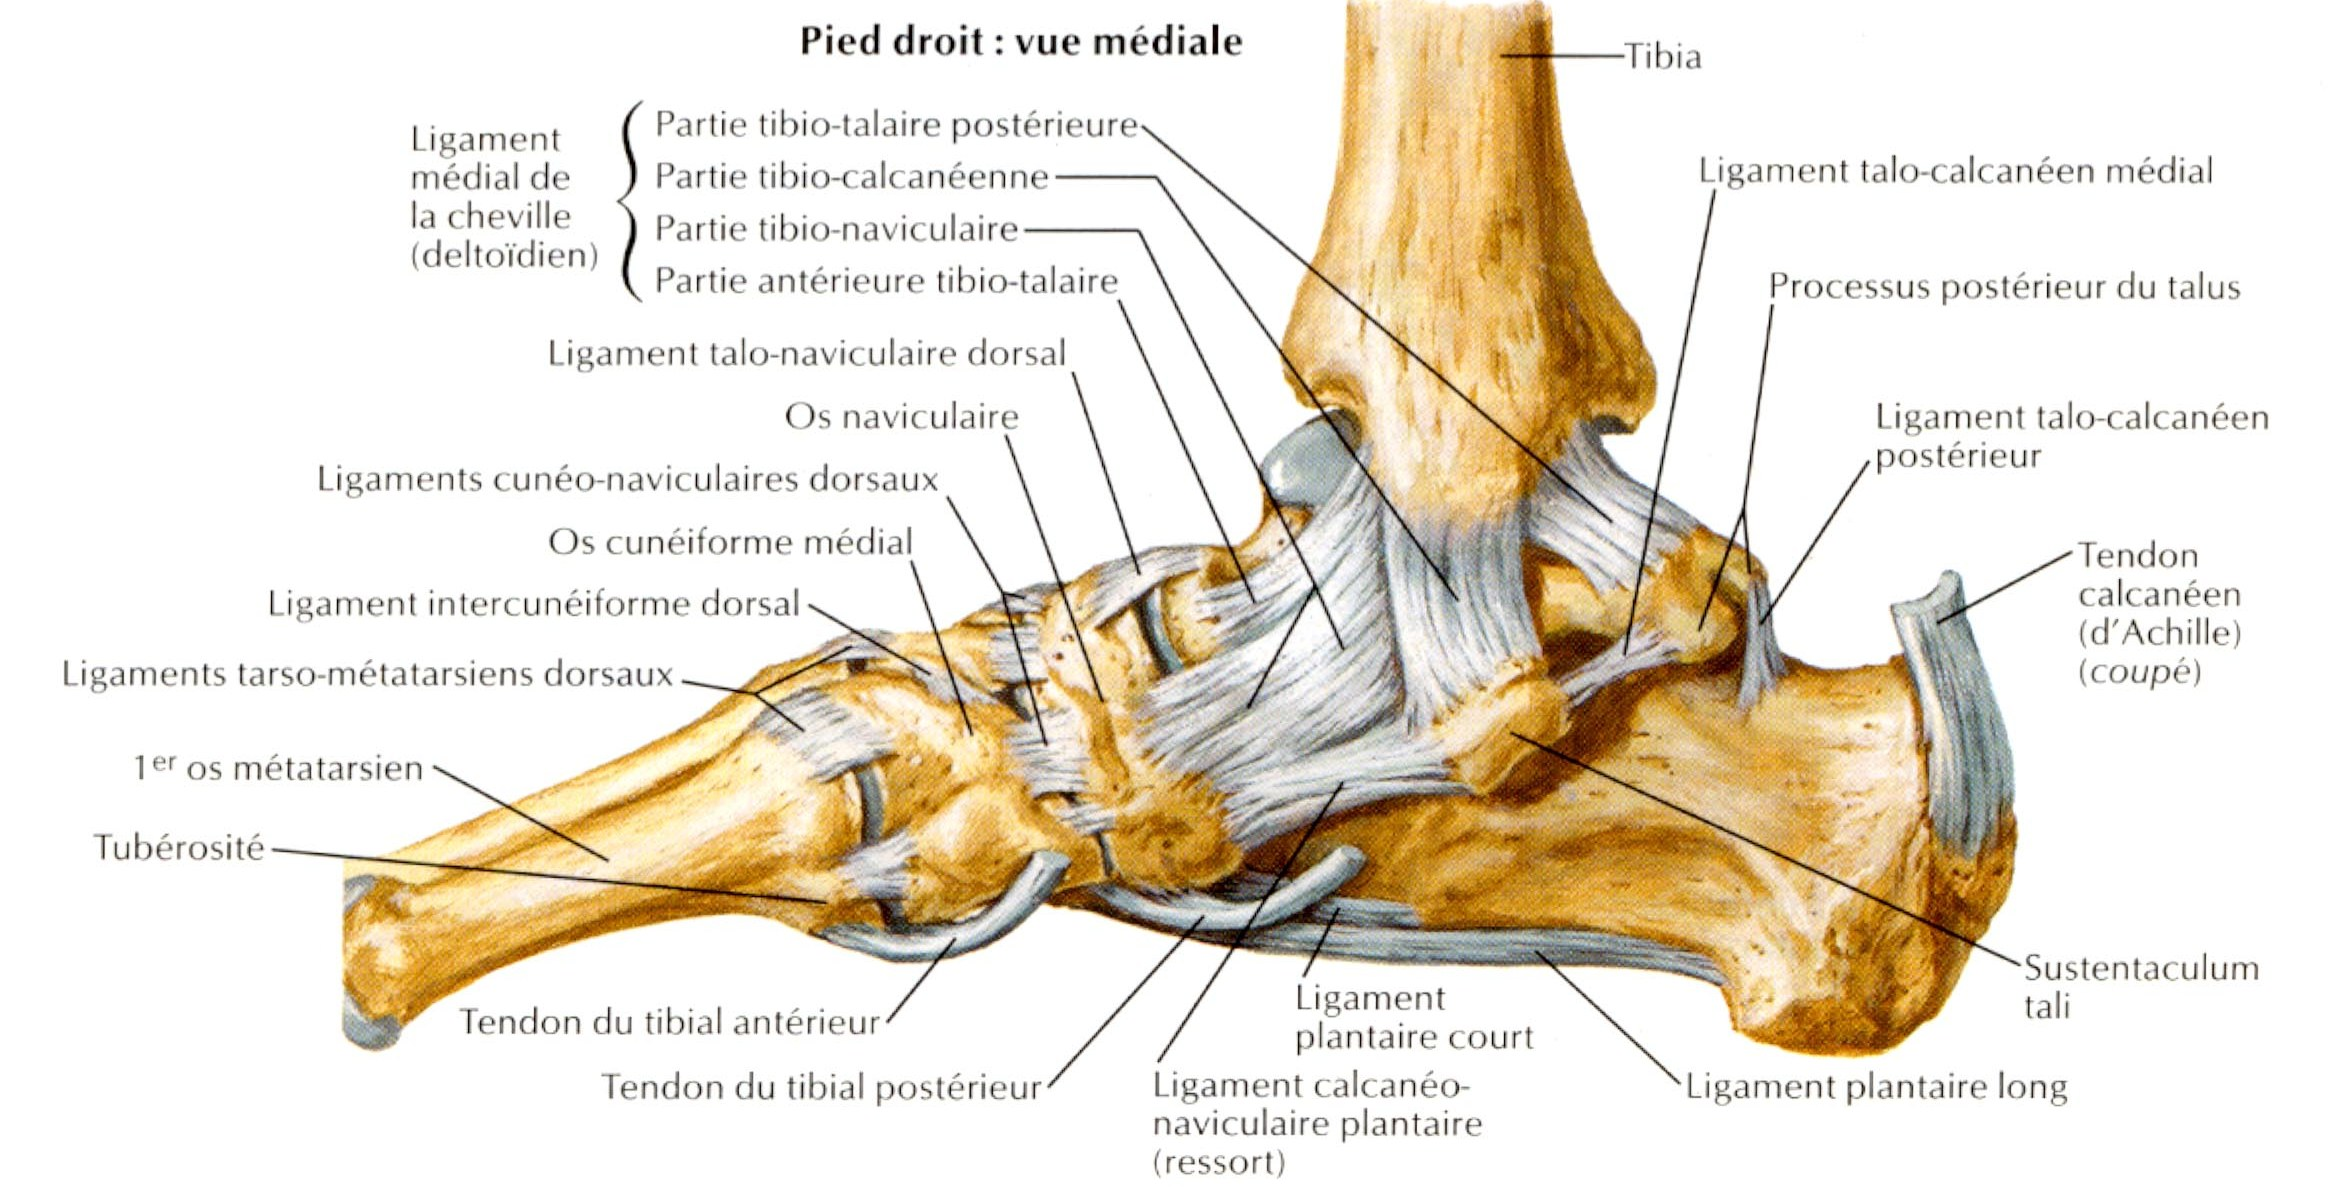 les ligaments du pied